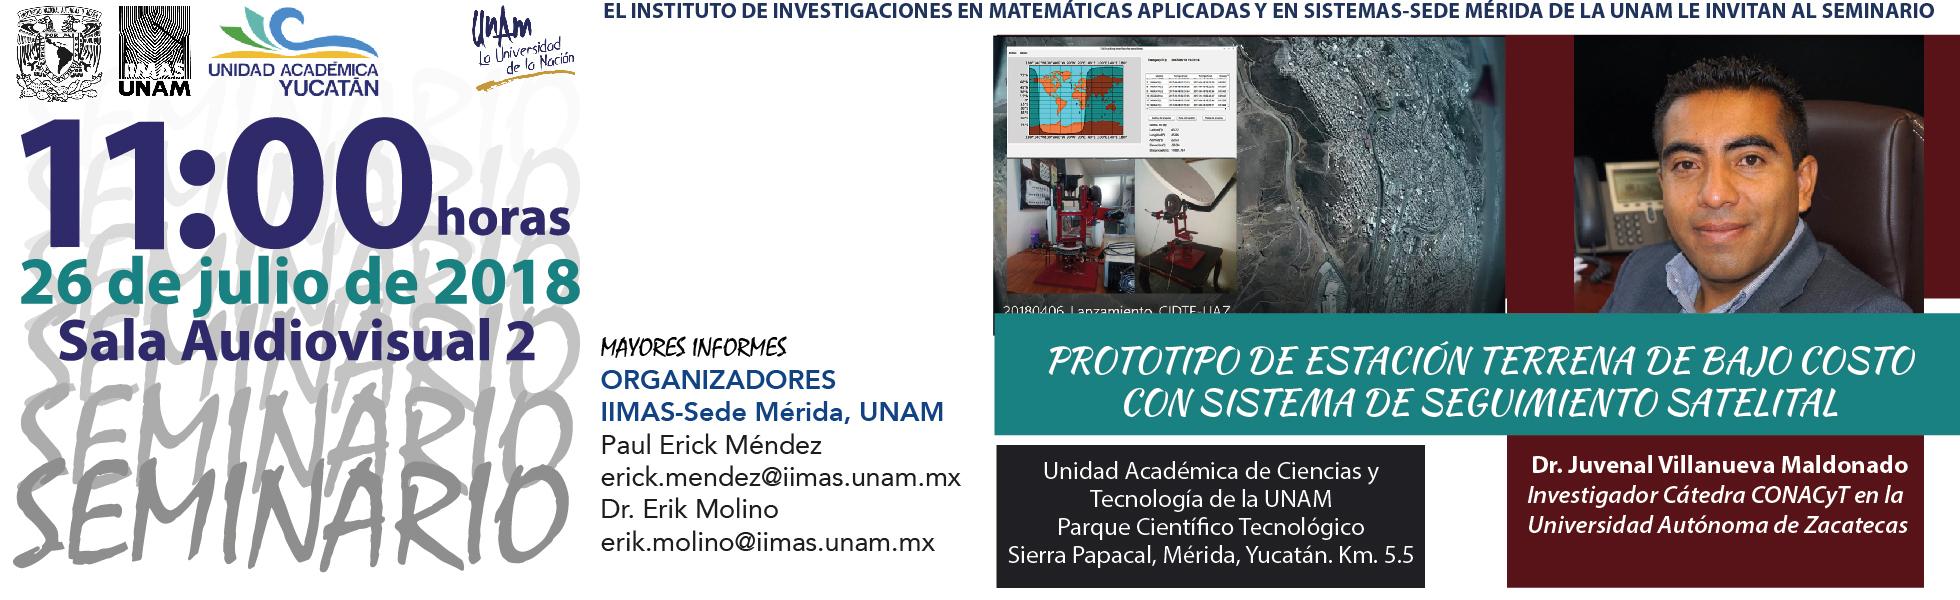 """26 de julio Seminario IIMAS Mérida Dr. Juvenal Villanueva M. """"Prototipo de estación terrena de bajo costo con sistema de seguimiento satelital"""""""